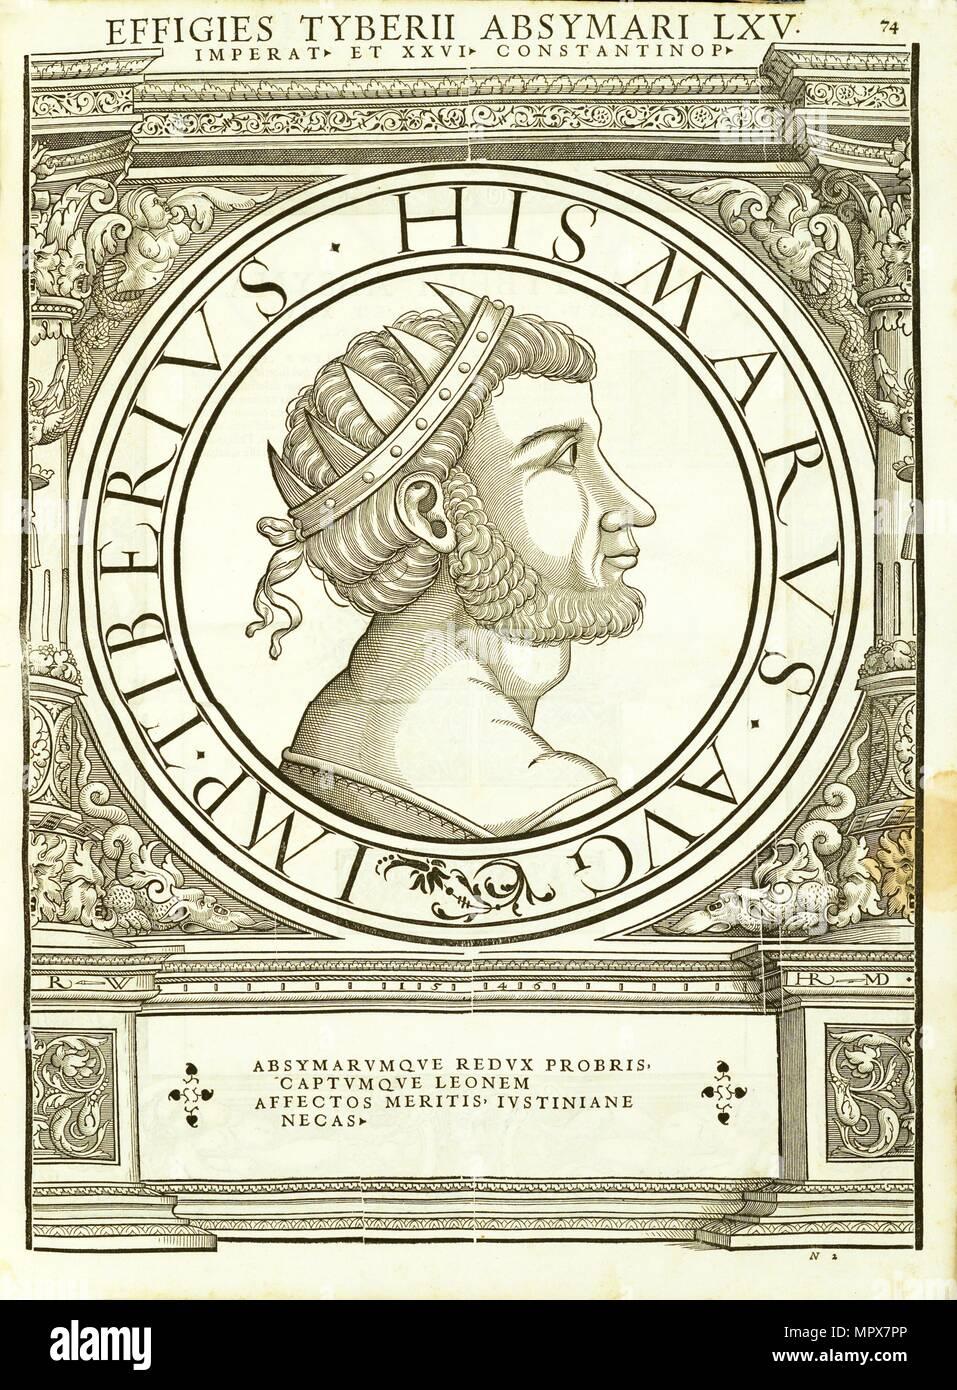 Tiberius Absymarus (d 706), 1559. - Stock Image